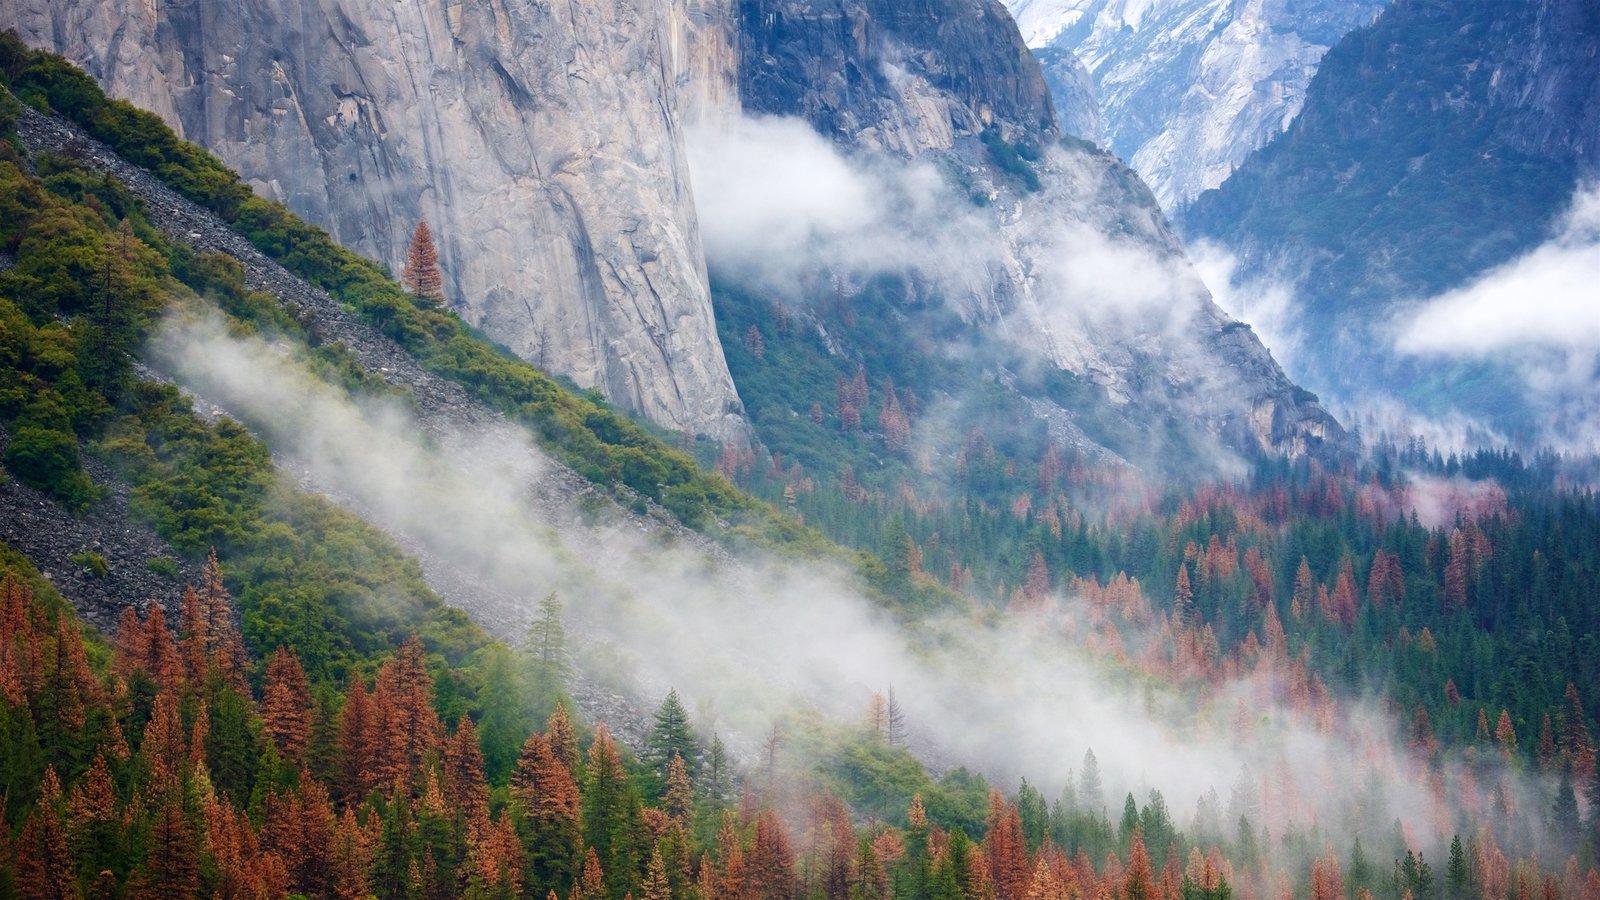 Mirador Tunnel View ofreciendo escenas forestales, neblina o niebla y montañas